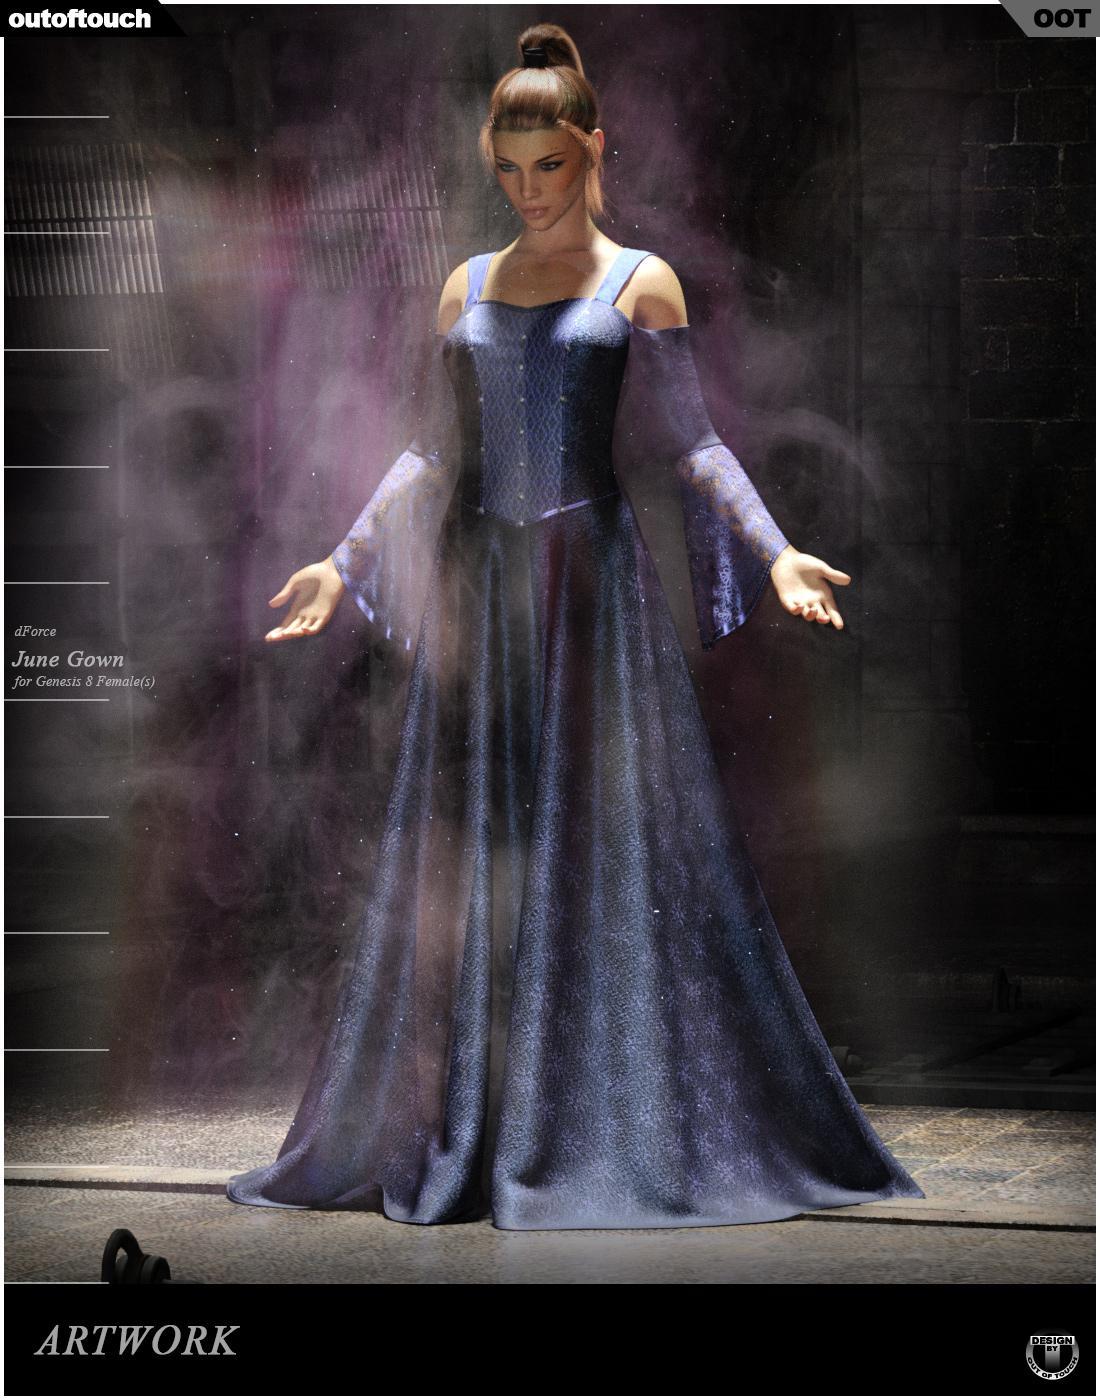 dForce June Gown for Genesis 8 Females